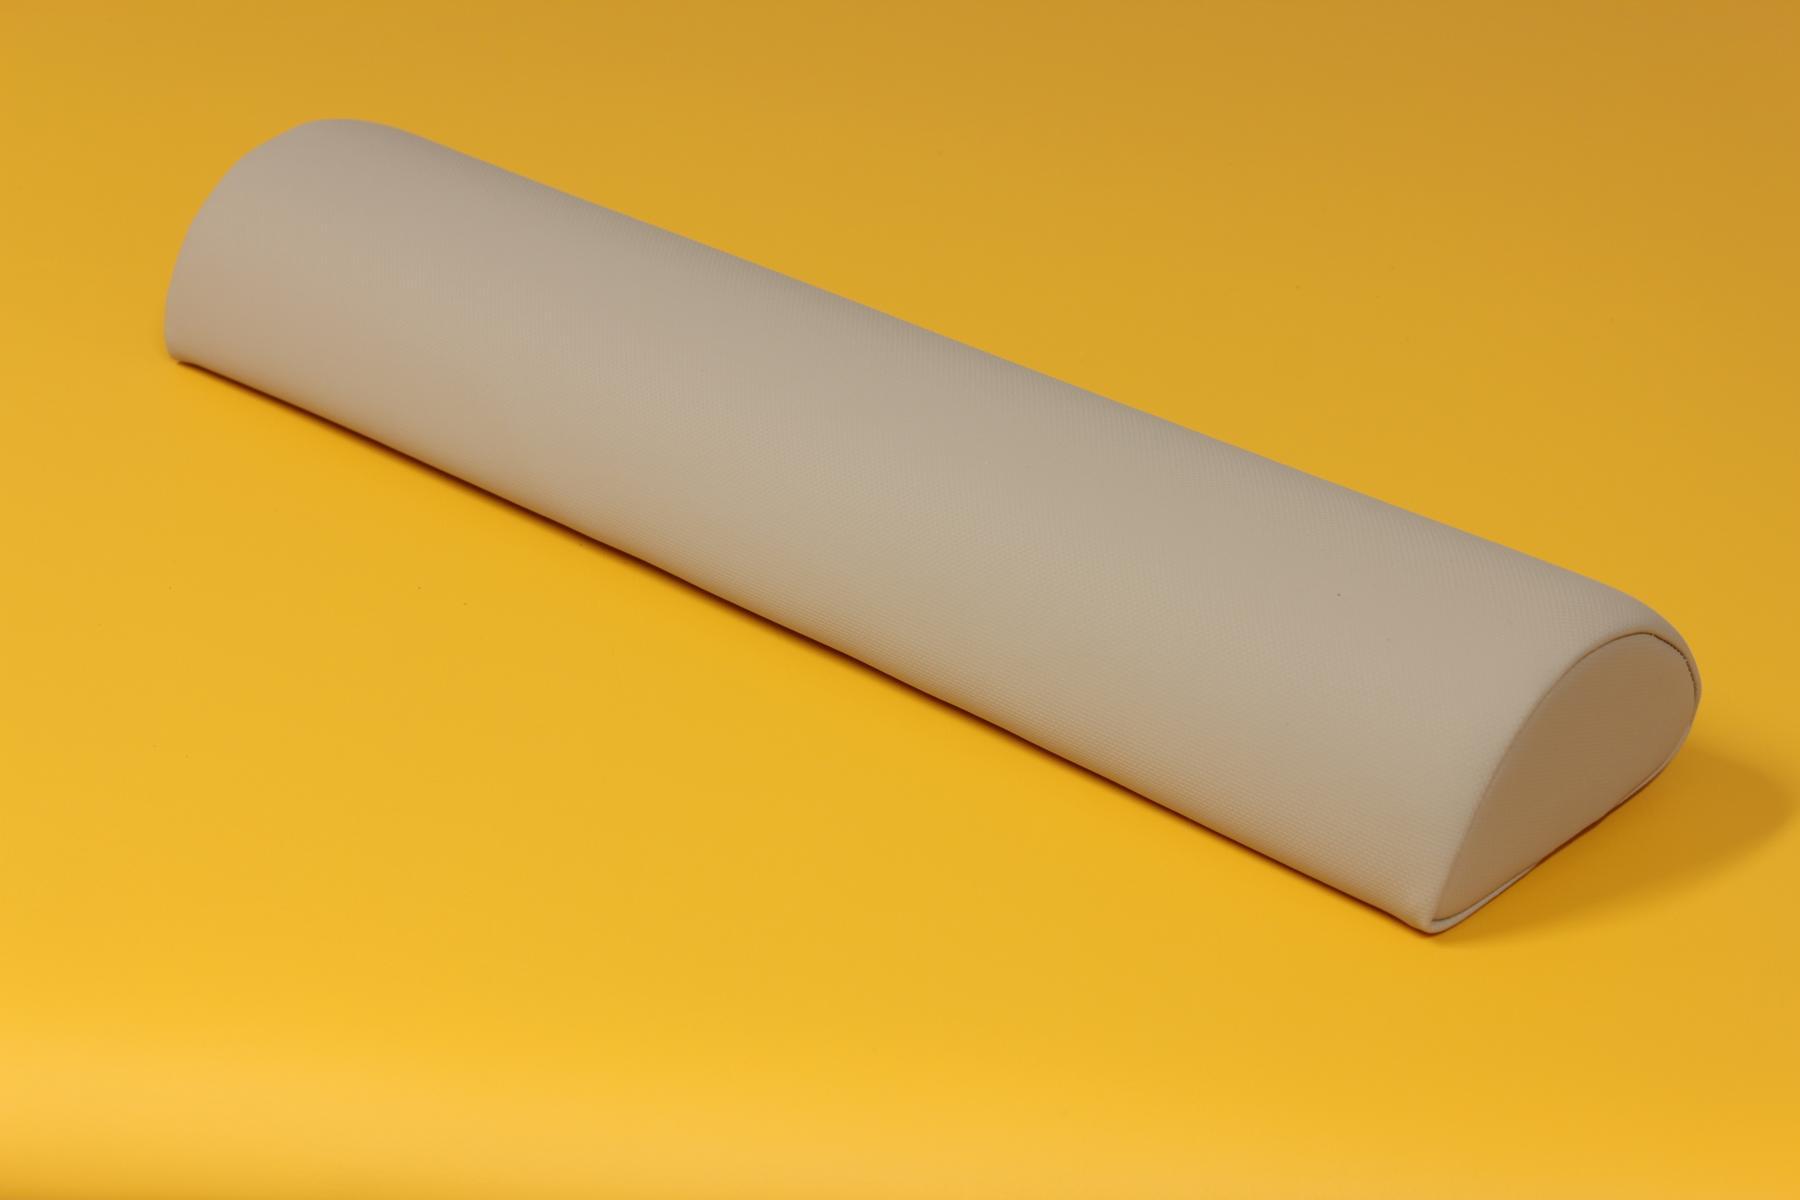 Halbrolle 60 x 15/7,5 cm - Farbe: Kiesel